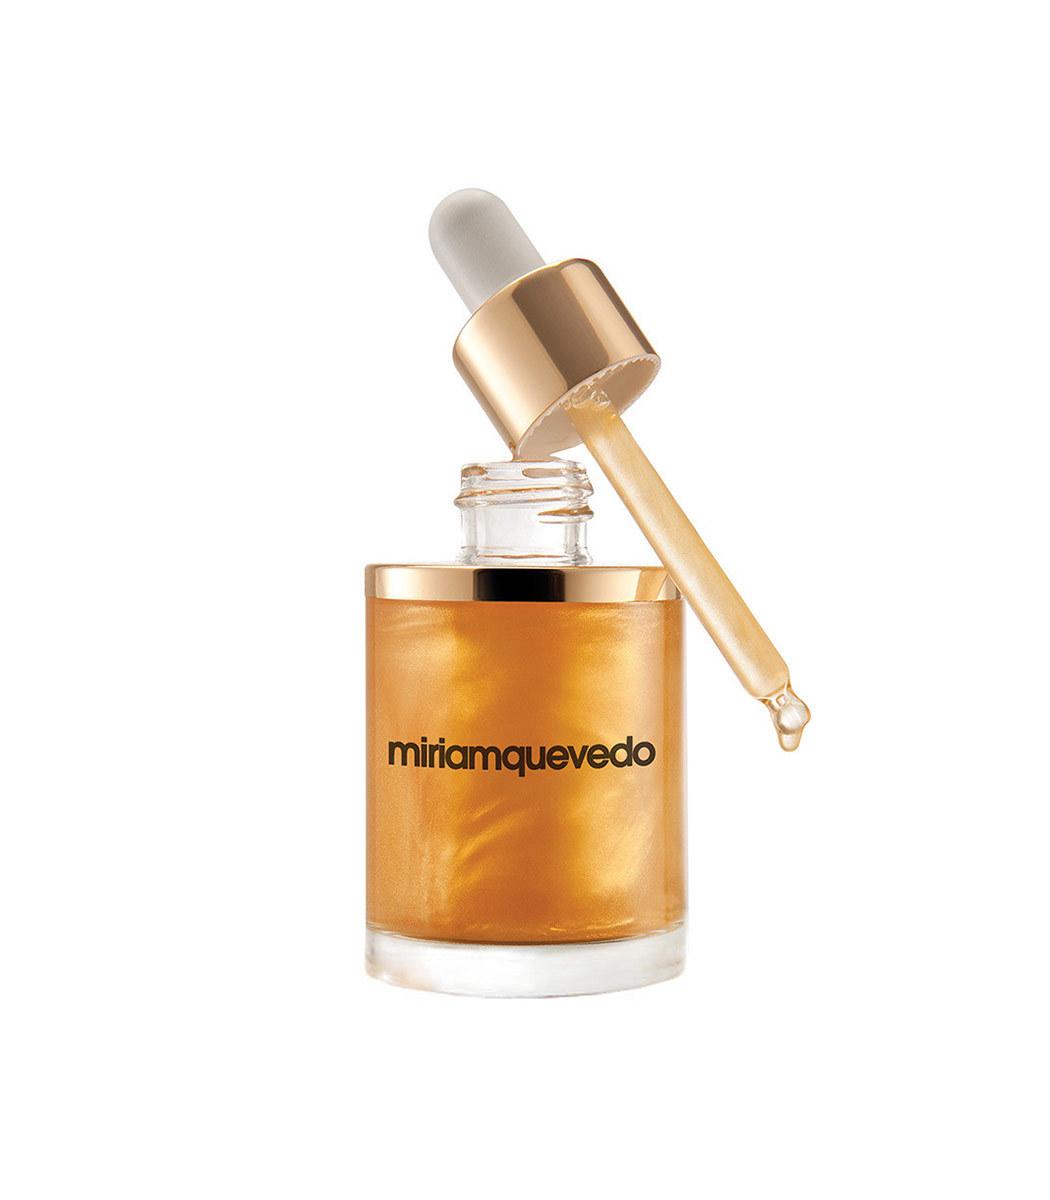 MIRIAM QUEVEDO Sublime Gold Oil